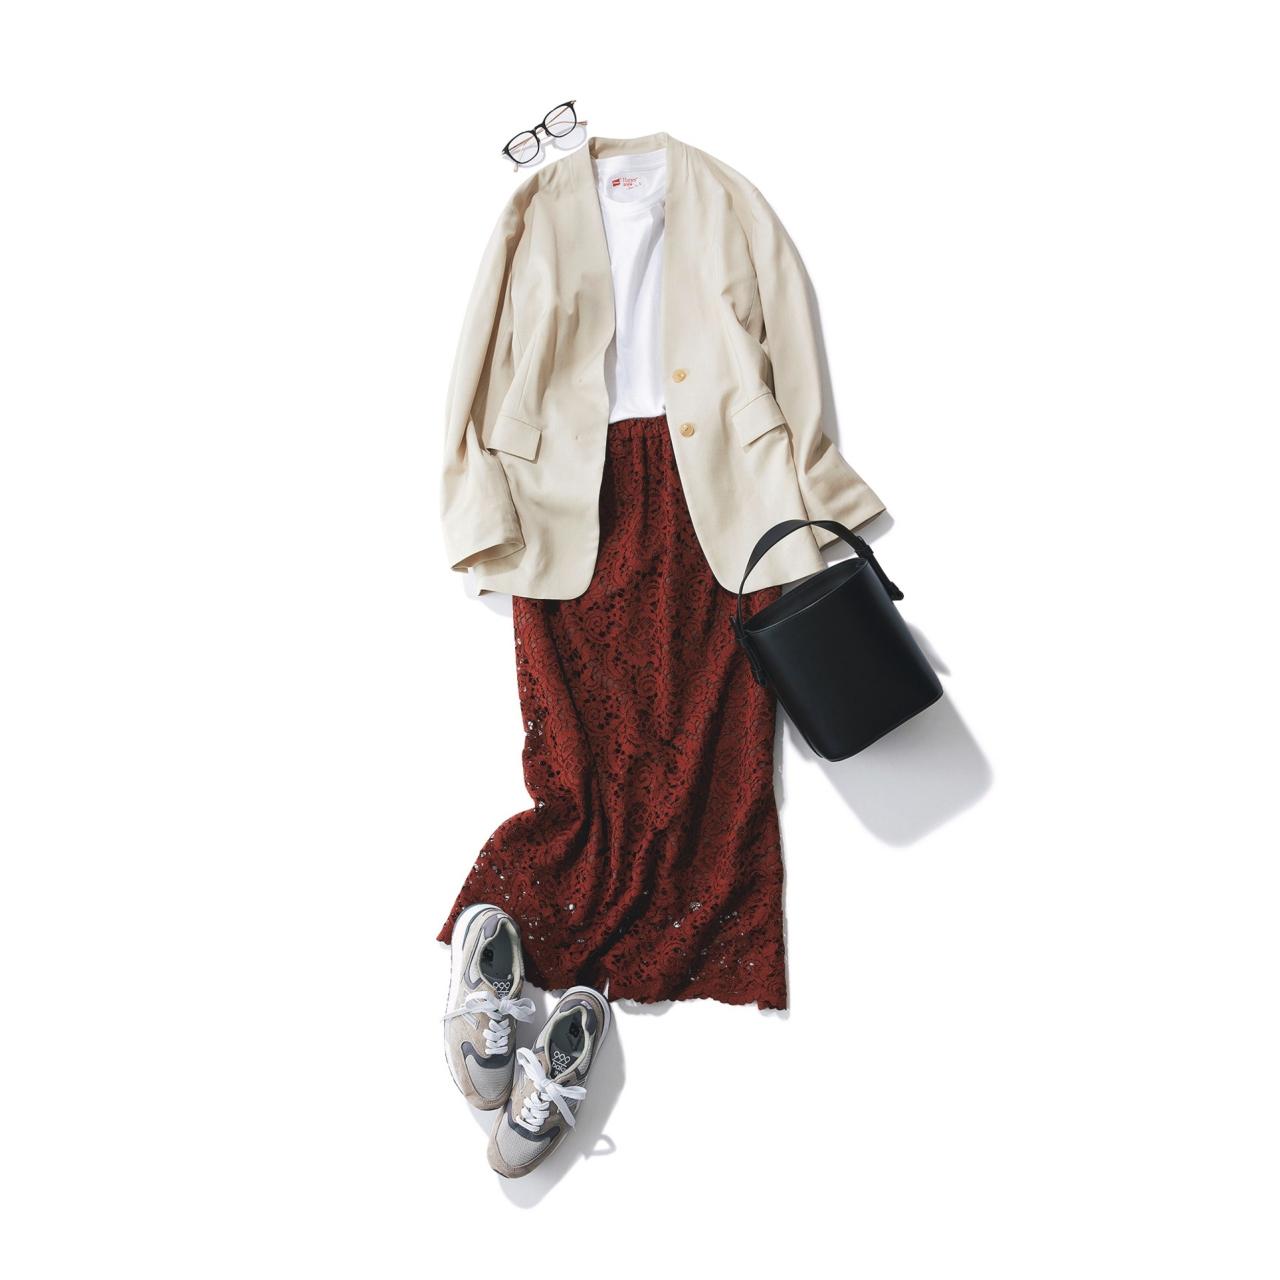 ニューバランスのグレースニーカー×ジャケット&レーススカートのファッションコーデ